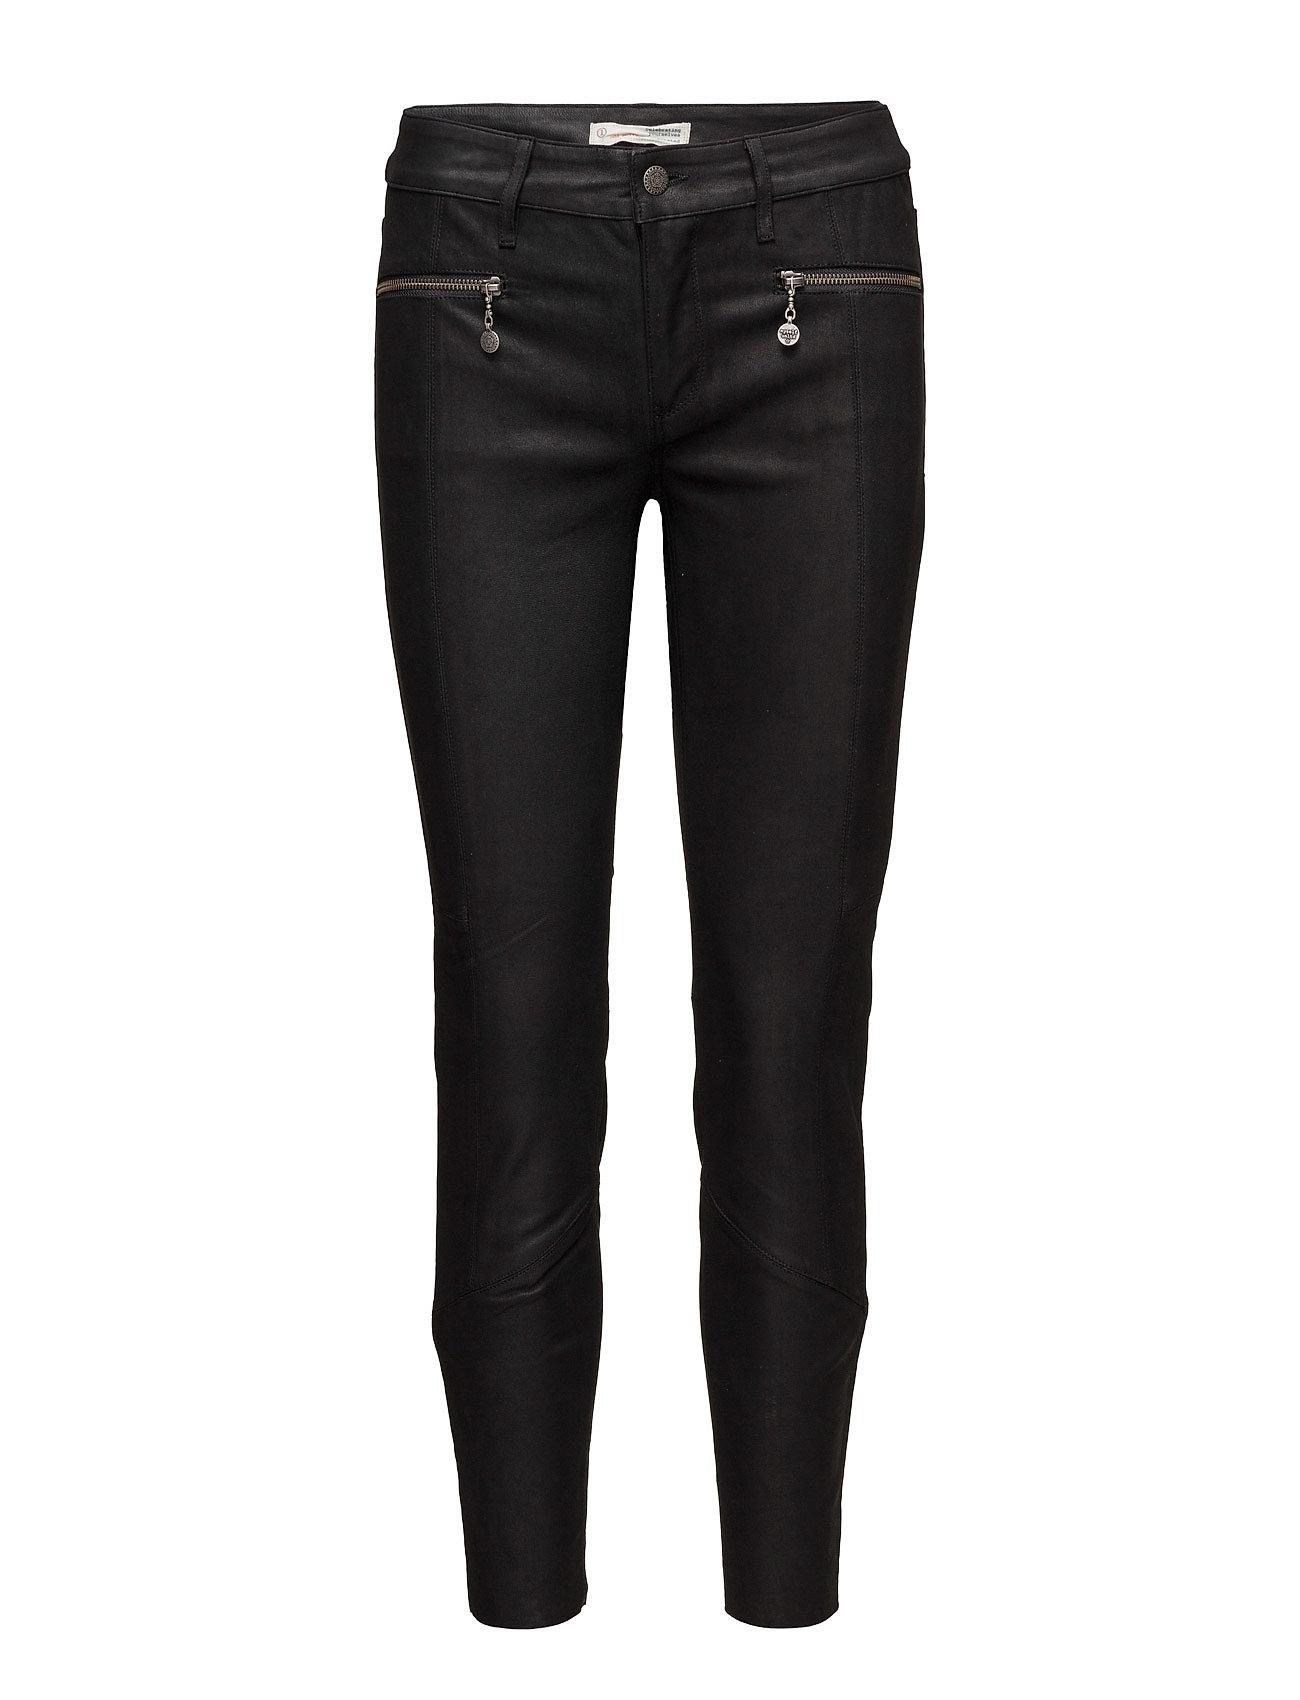 Eagle Rock Trousers ODD MOLLY Læder leggins & bukser til Kvinder i Næsten Sort